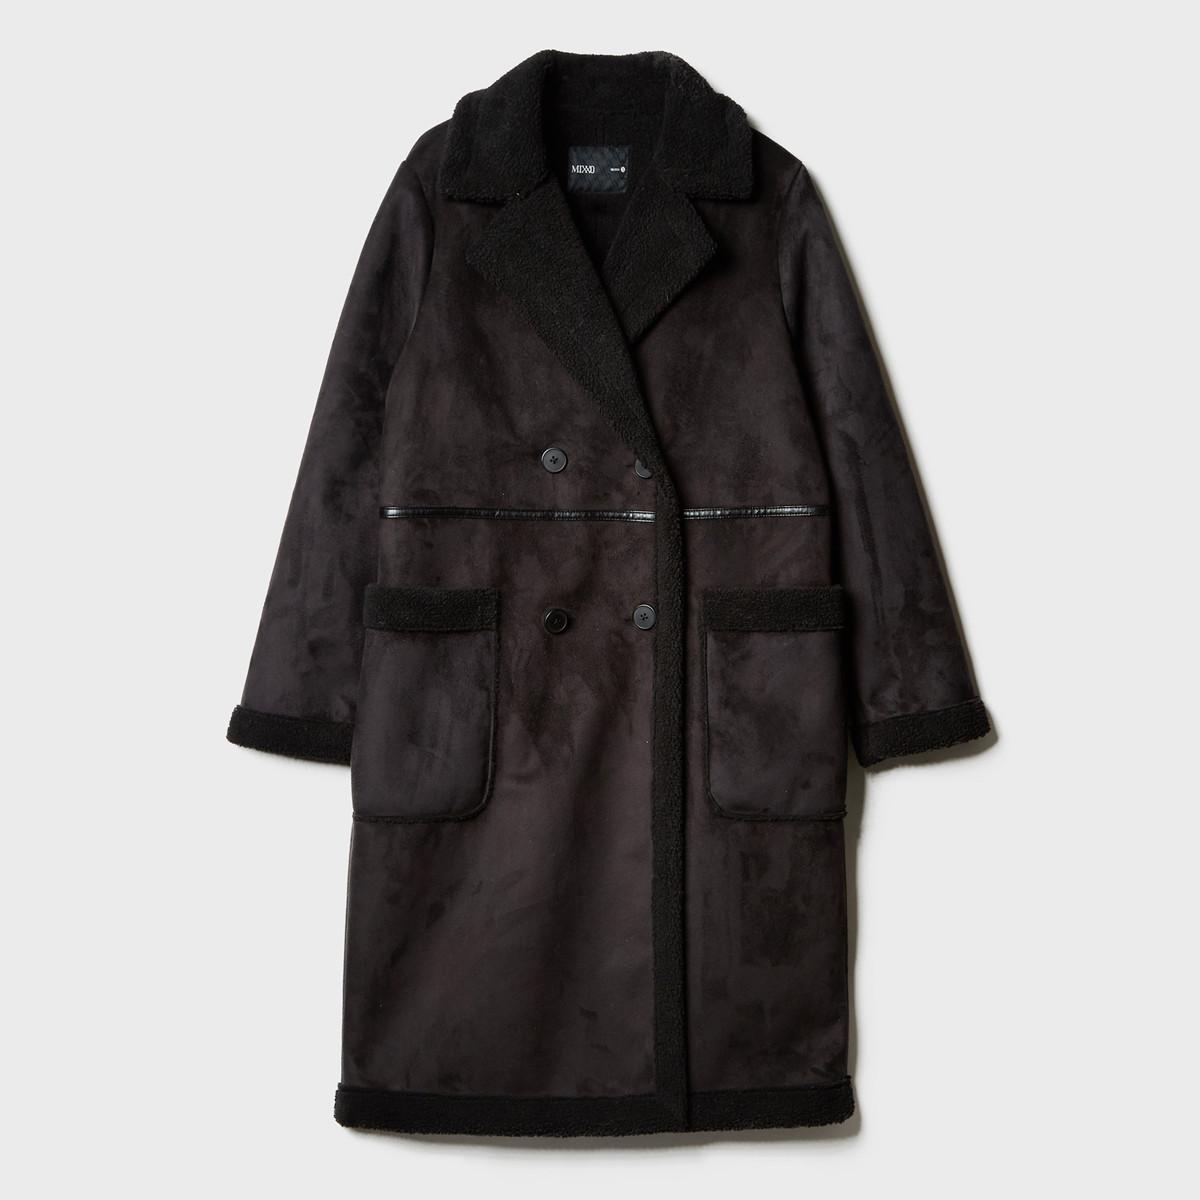 MIXXO秋冬新款韩版甜美通勤休闲显瘦保暖仿麂皮加长款翻毛皮大衣外套MIWJL8V51C19